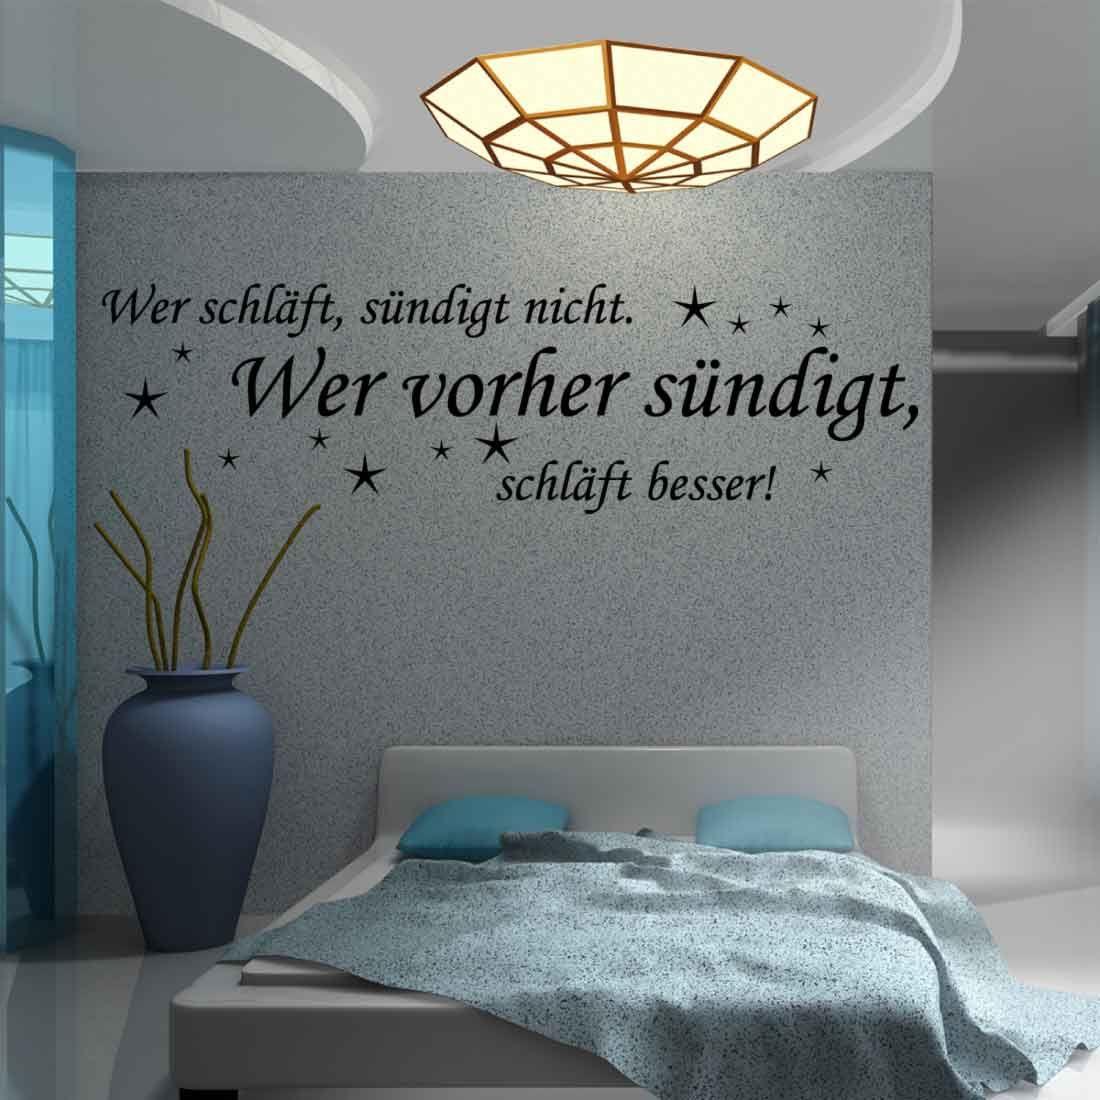 Wer schläft, sündigt nicht. Wer vorher sündigt, schläft besser! Sehr ...